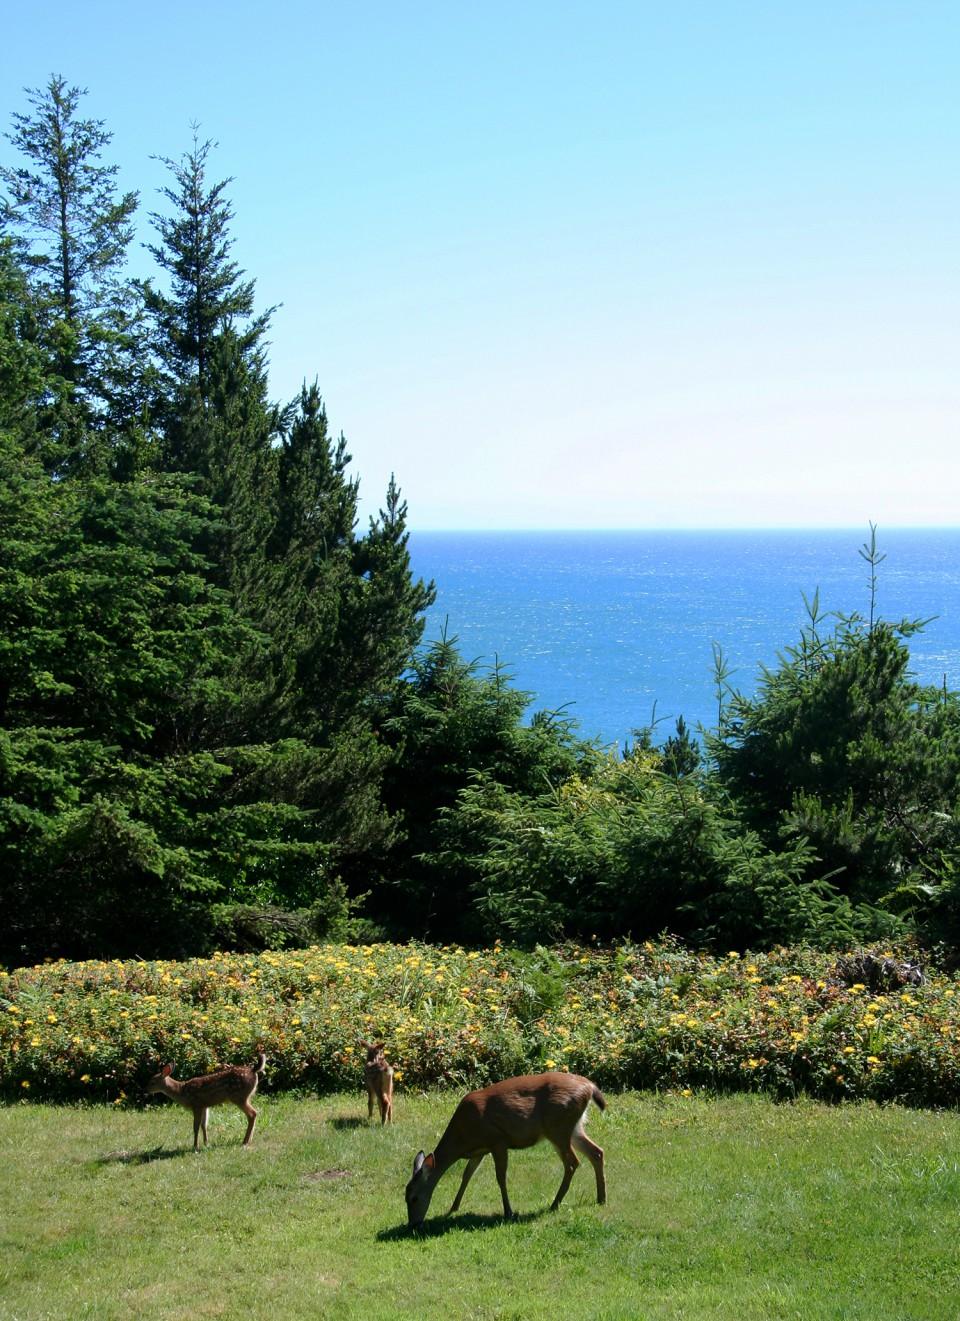 7_Deer by the ocean at WildSpring